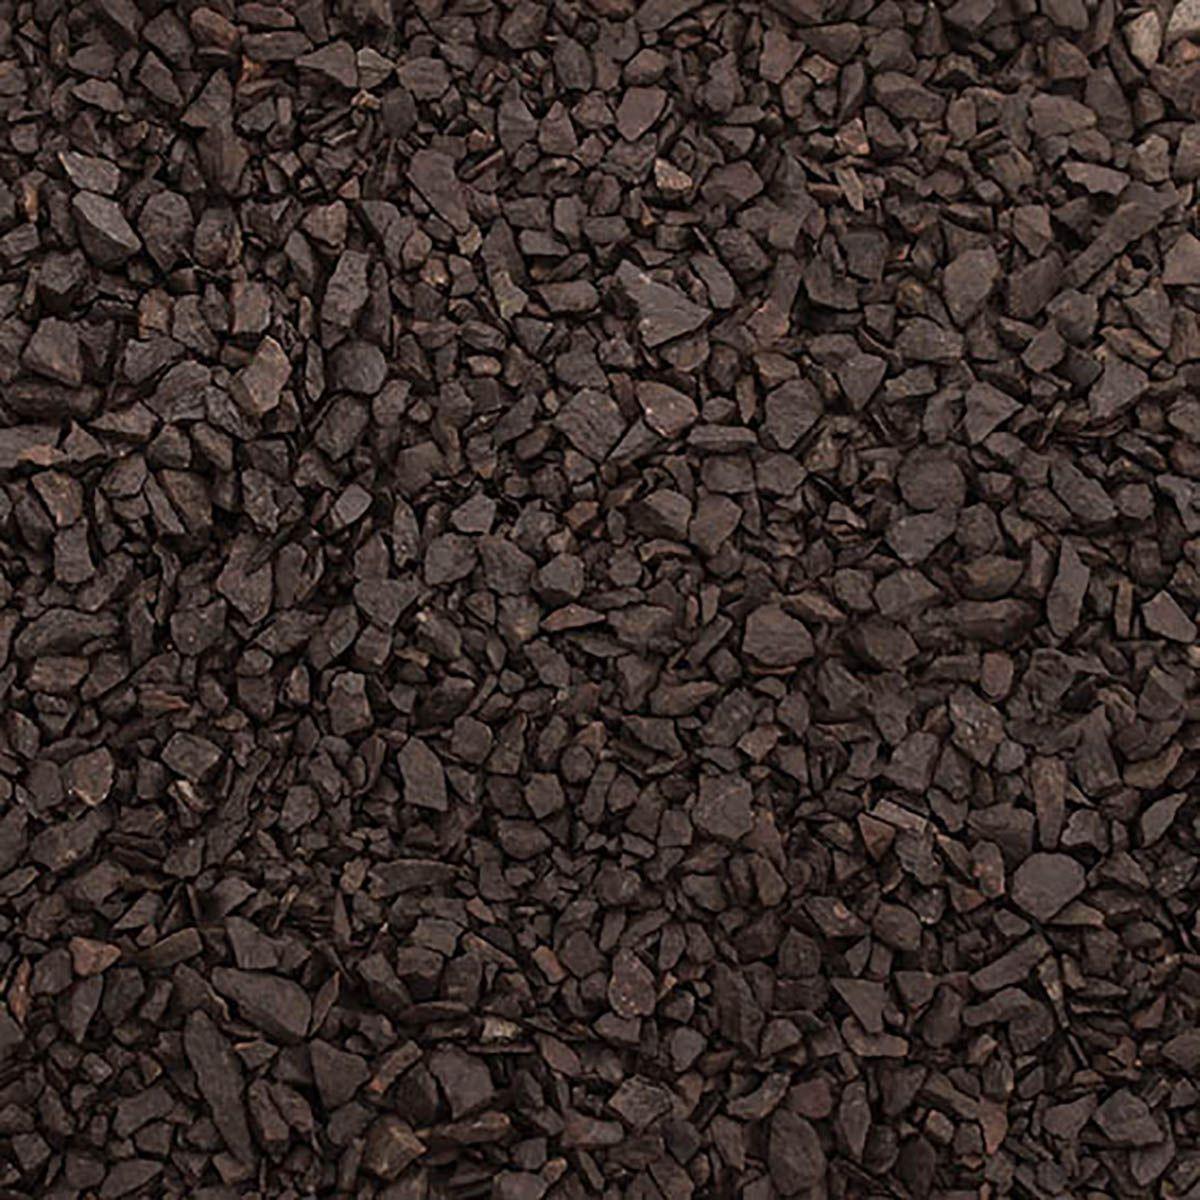 Seachem Flourite Dark 7kg Substrato Natural para Plantados